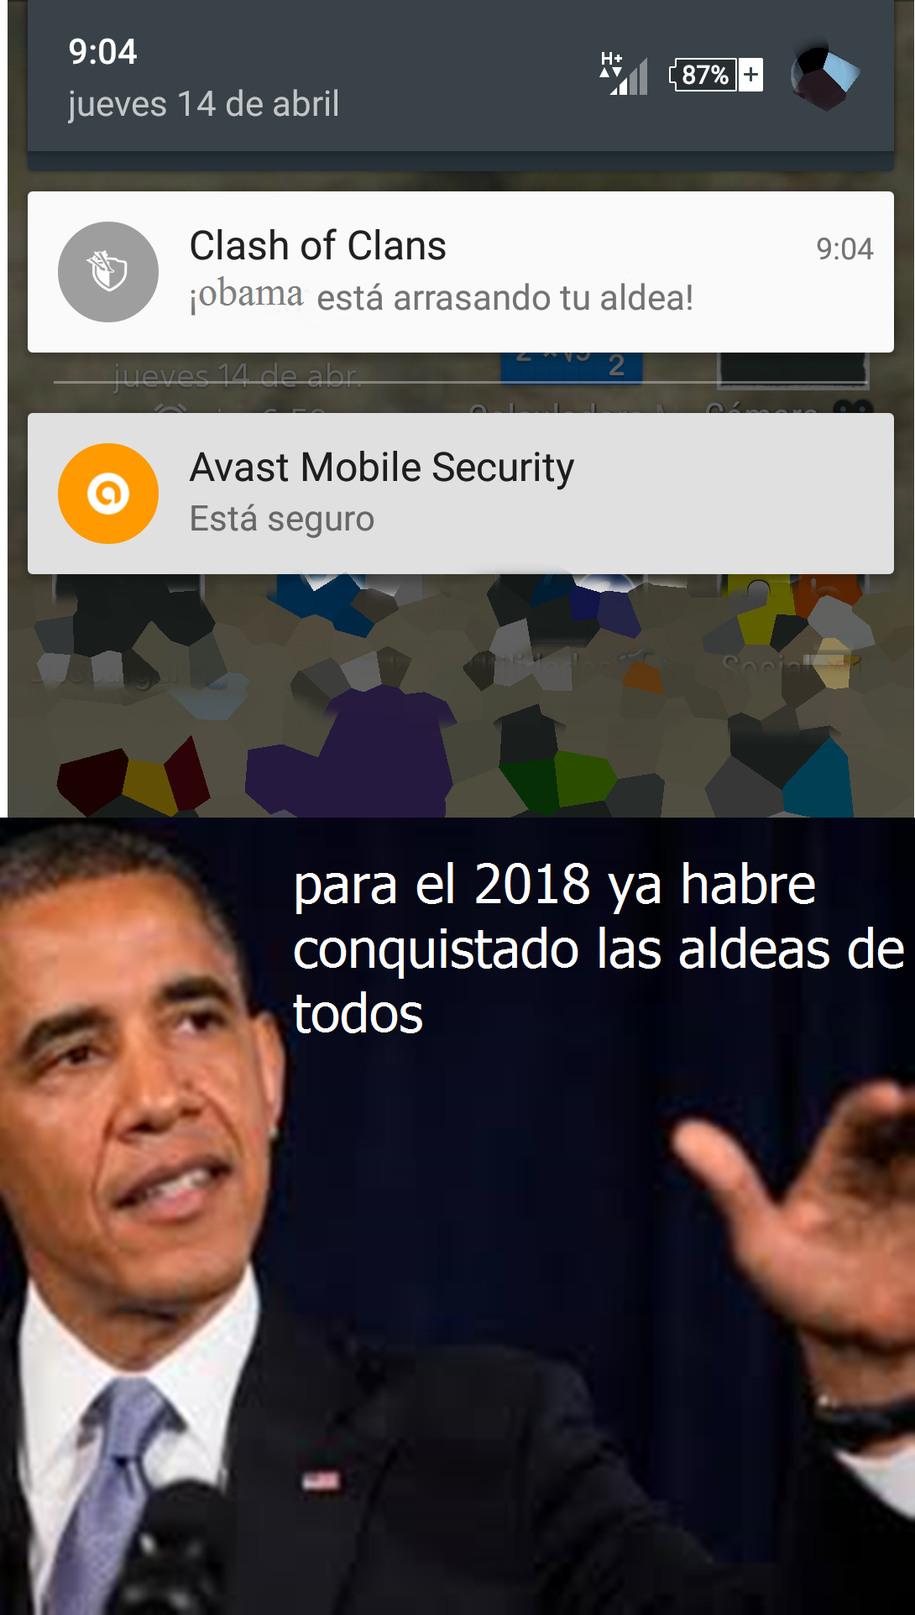 Obama el conquistador - meme